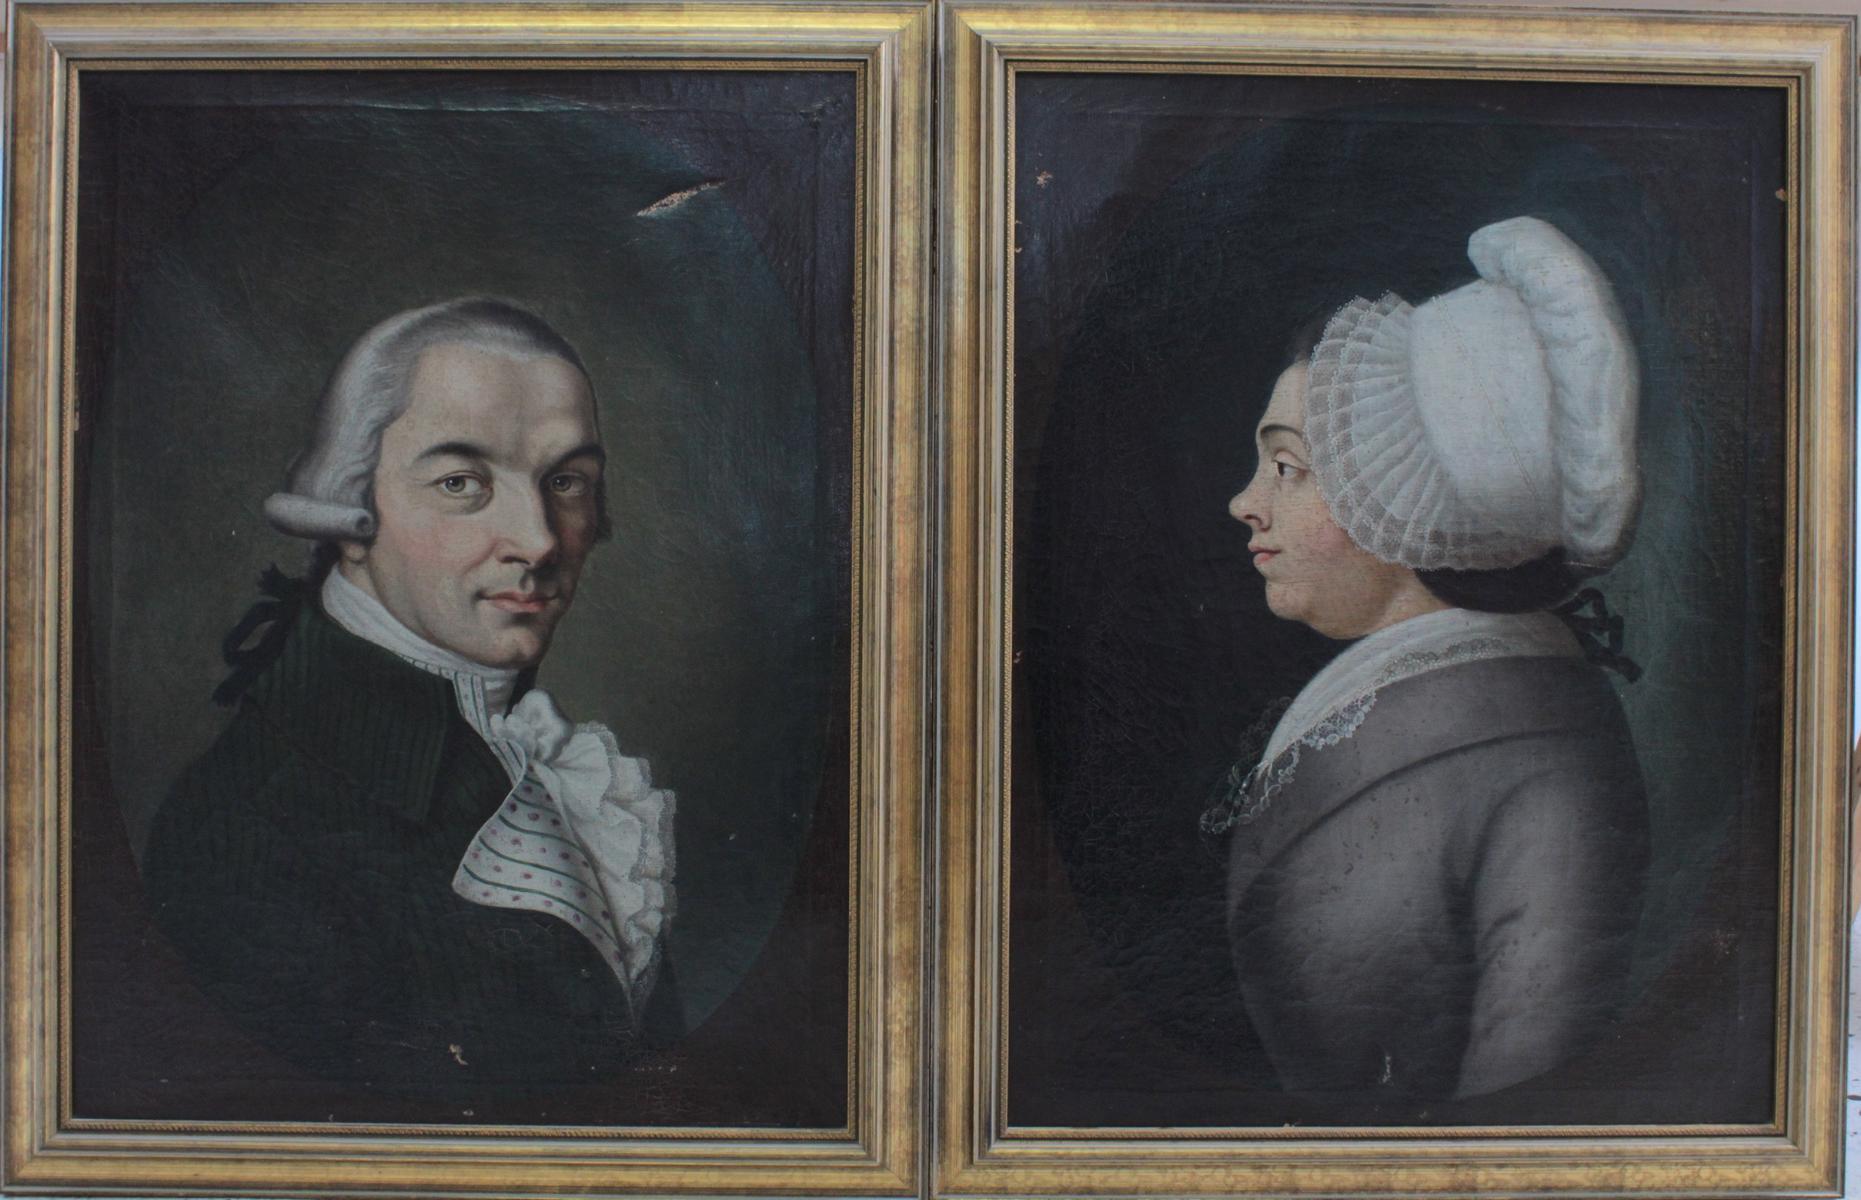 Damen- und Herrenportrait, 18. Jh.